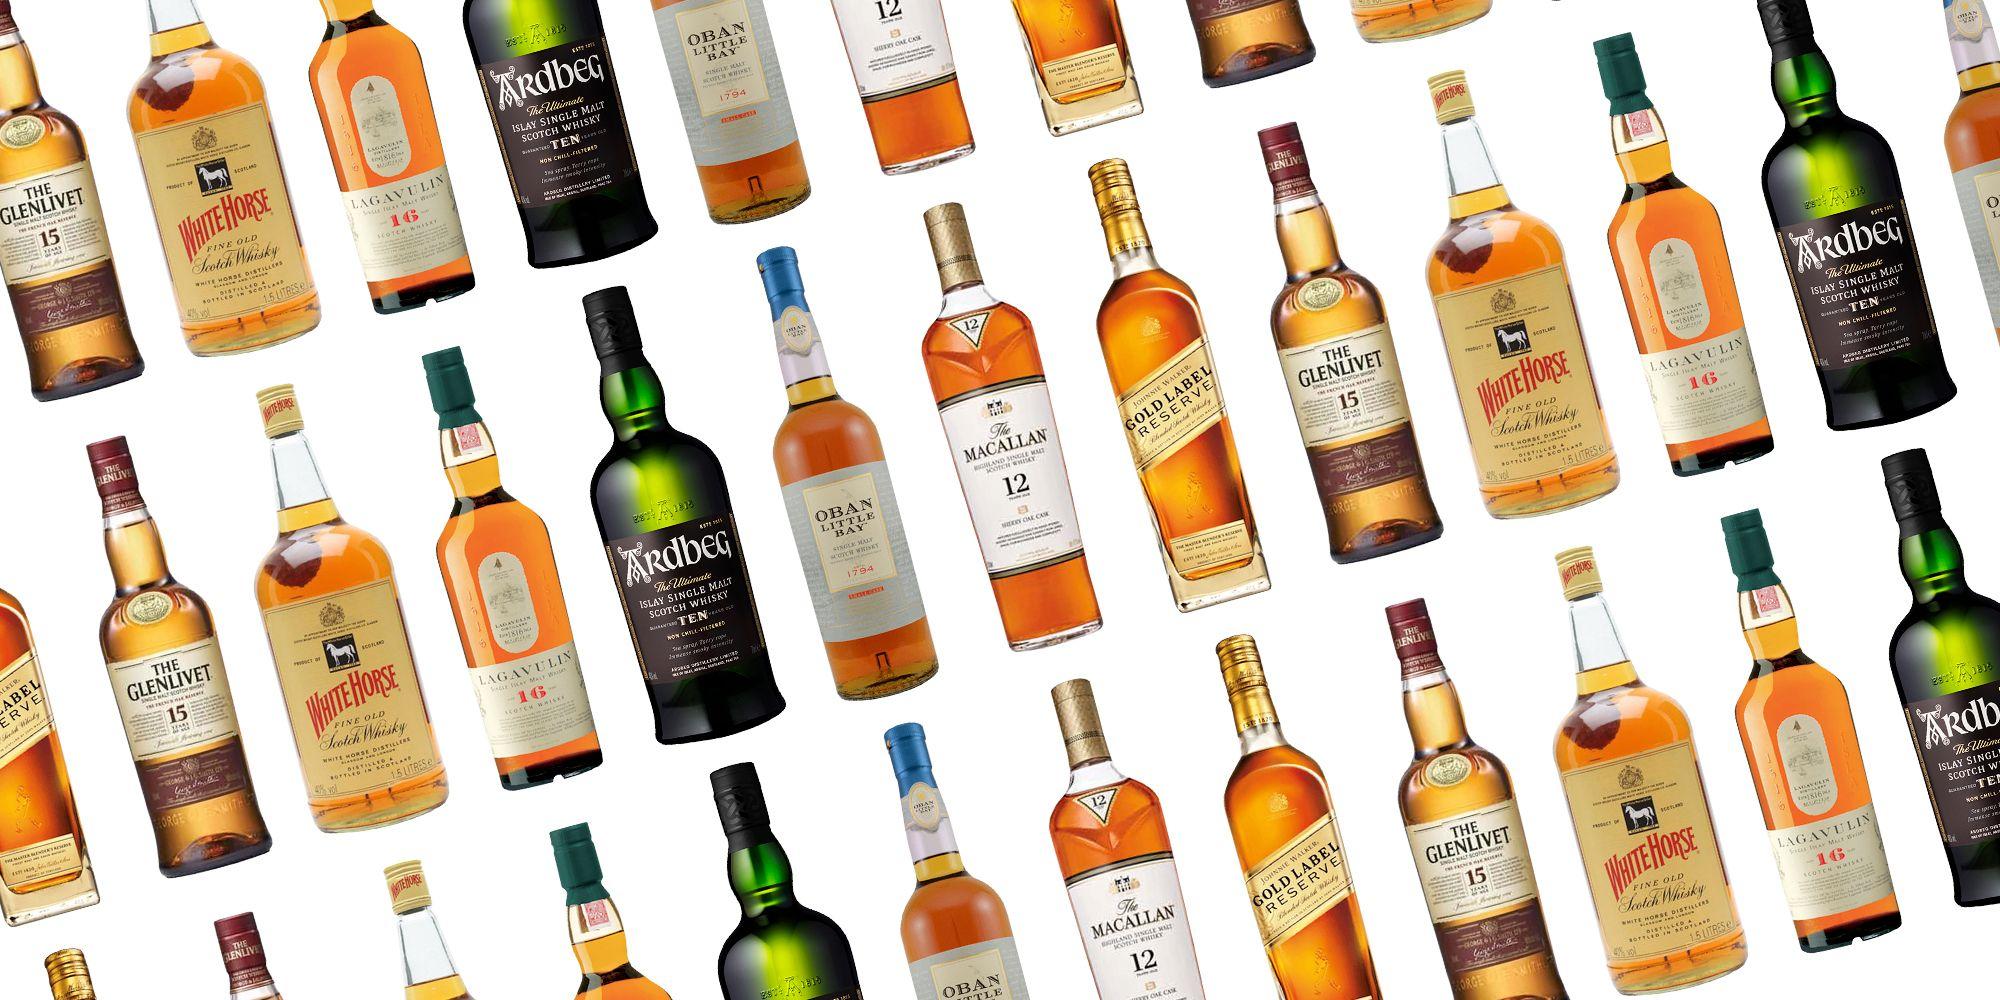 Whisky malt top single 10 Best whisky